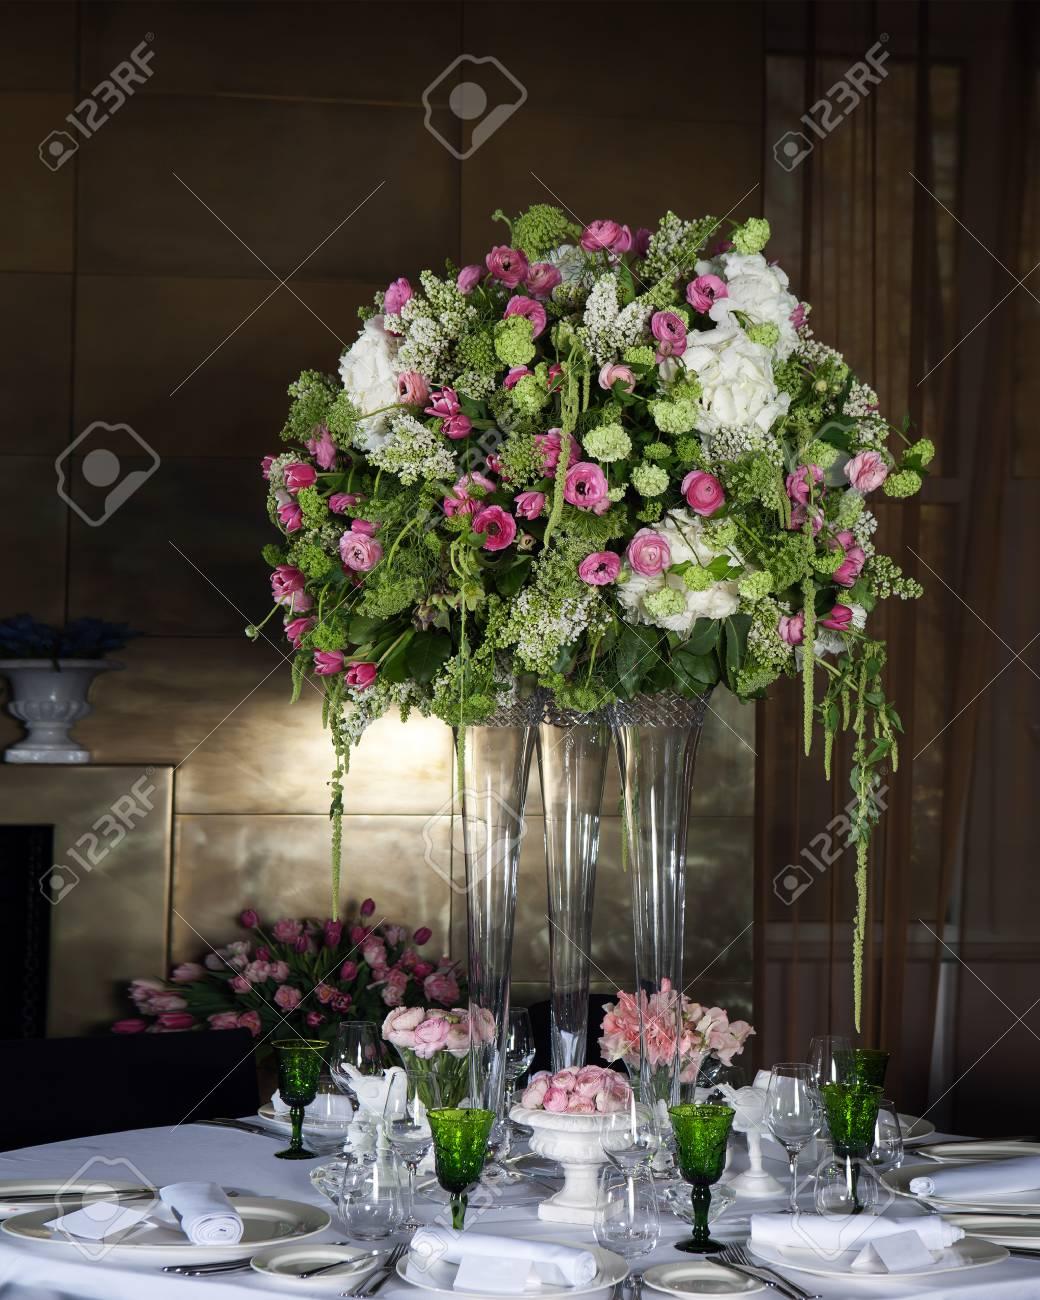 Hortensia Y Ranúnculo Rosado Arreglo Floral En Jarrón Como Decoración De La Cena De Bodas Con Vasos Verdes Con Vino